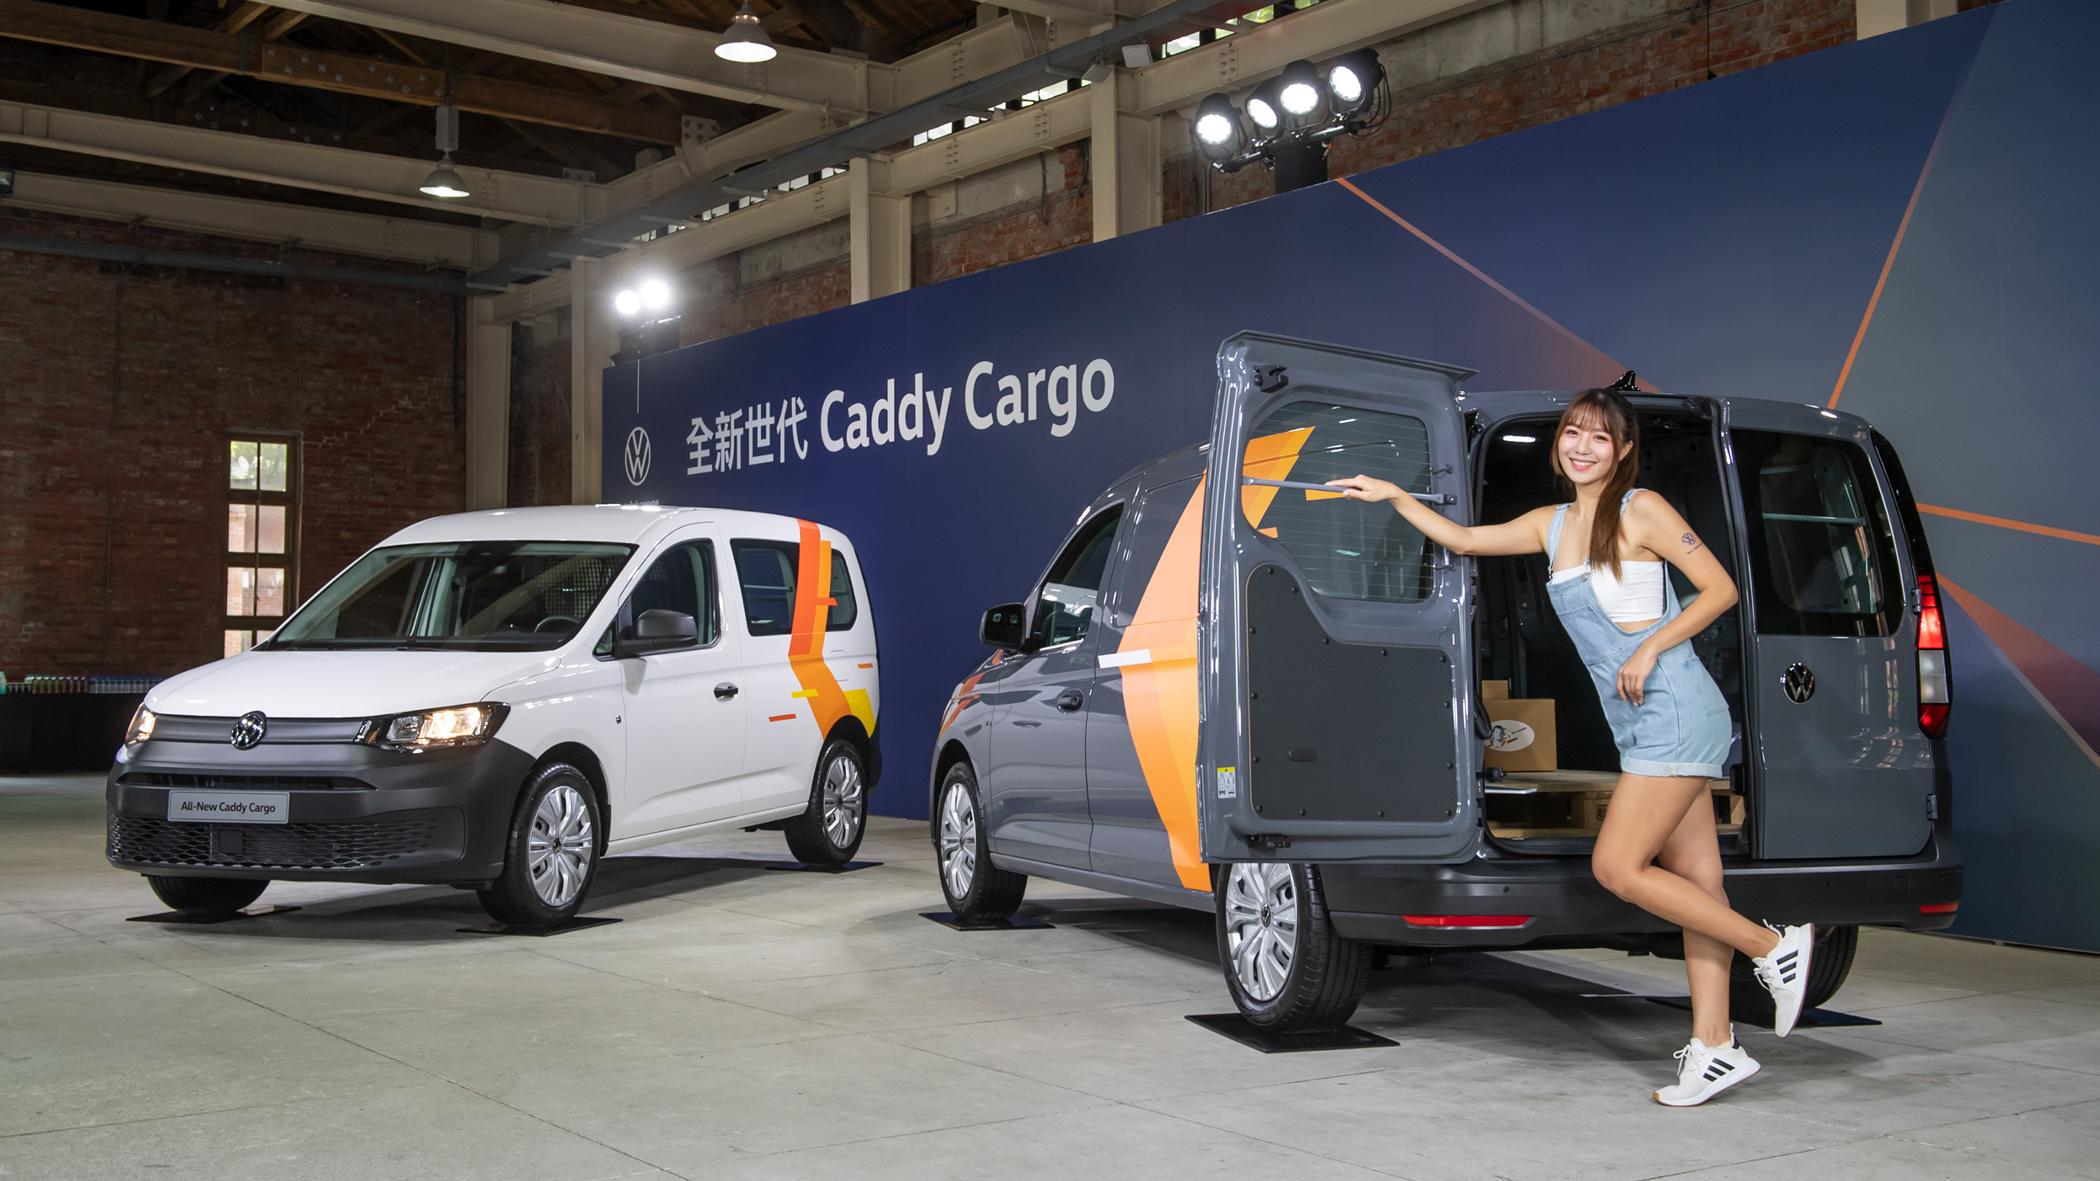 ▲ 預接單破 150 輛!福斯商旅全新 Caddy Cargo 頭家專屬正式上市